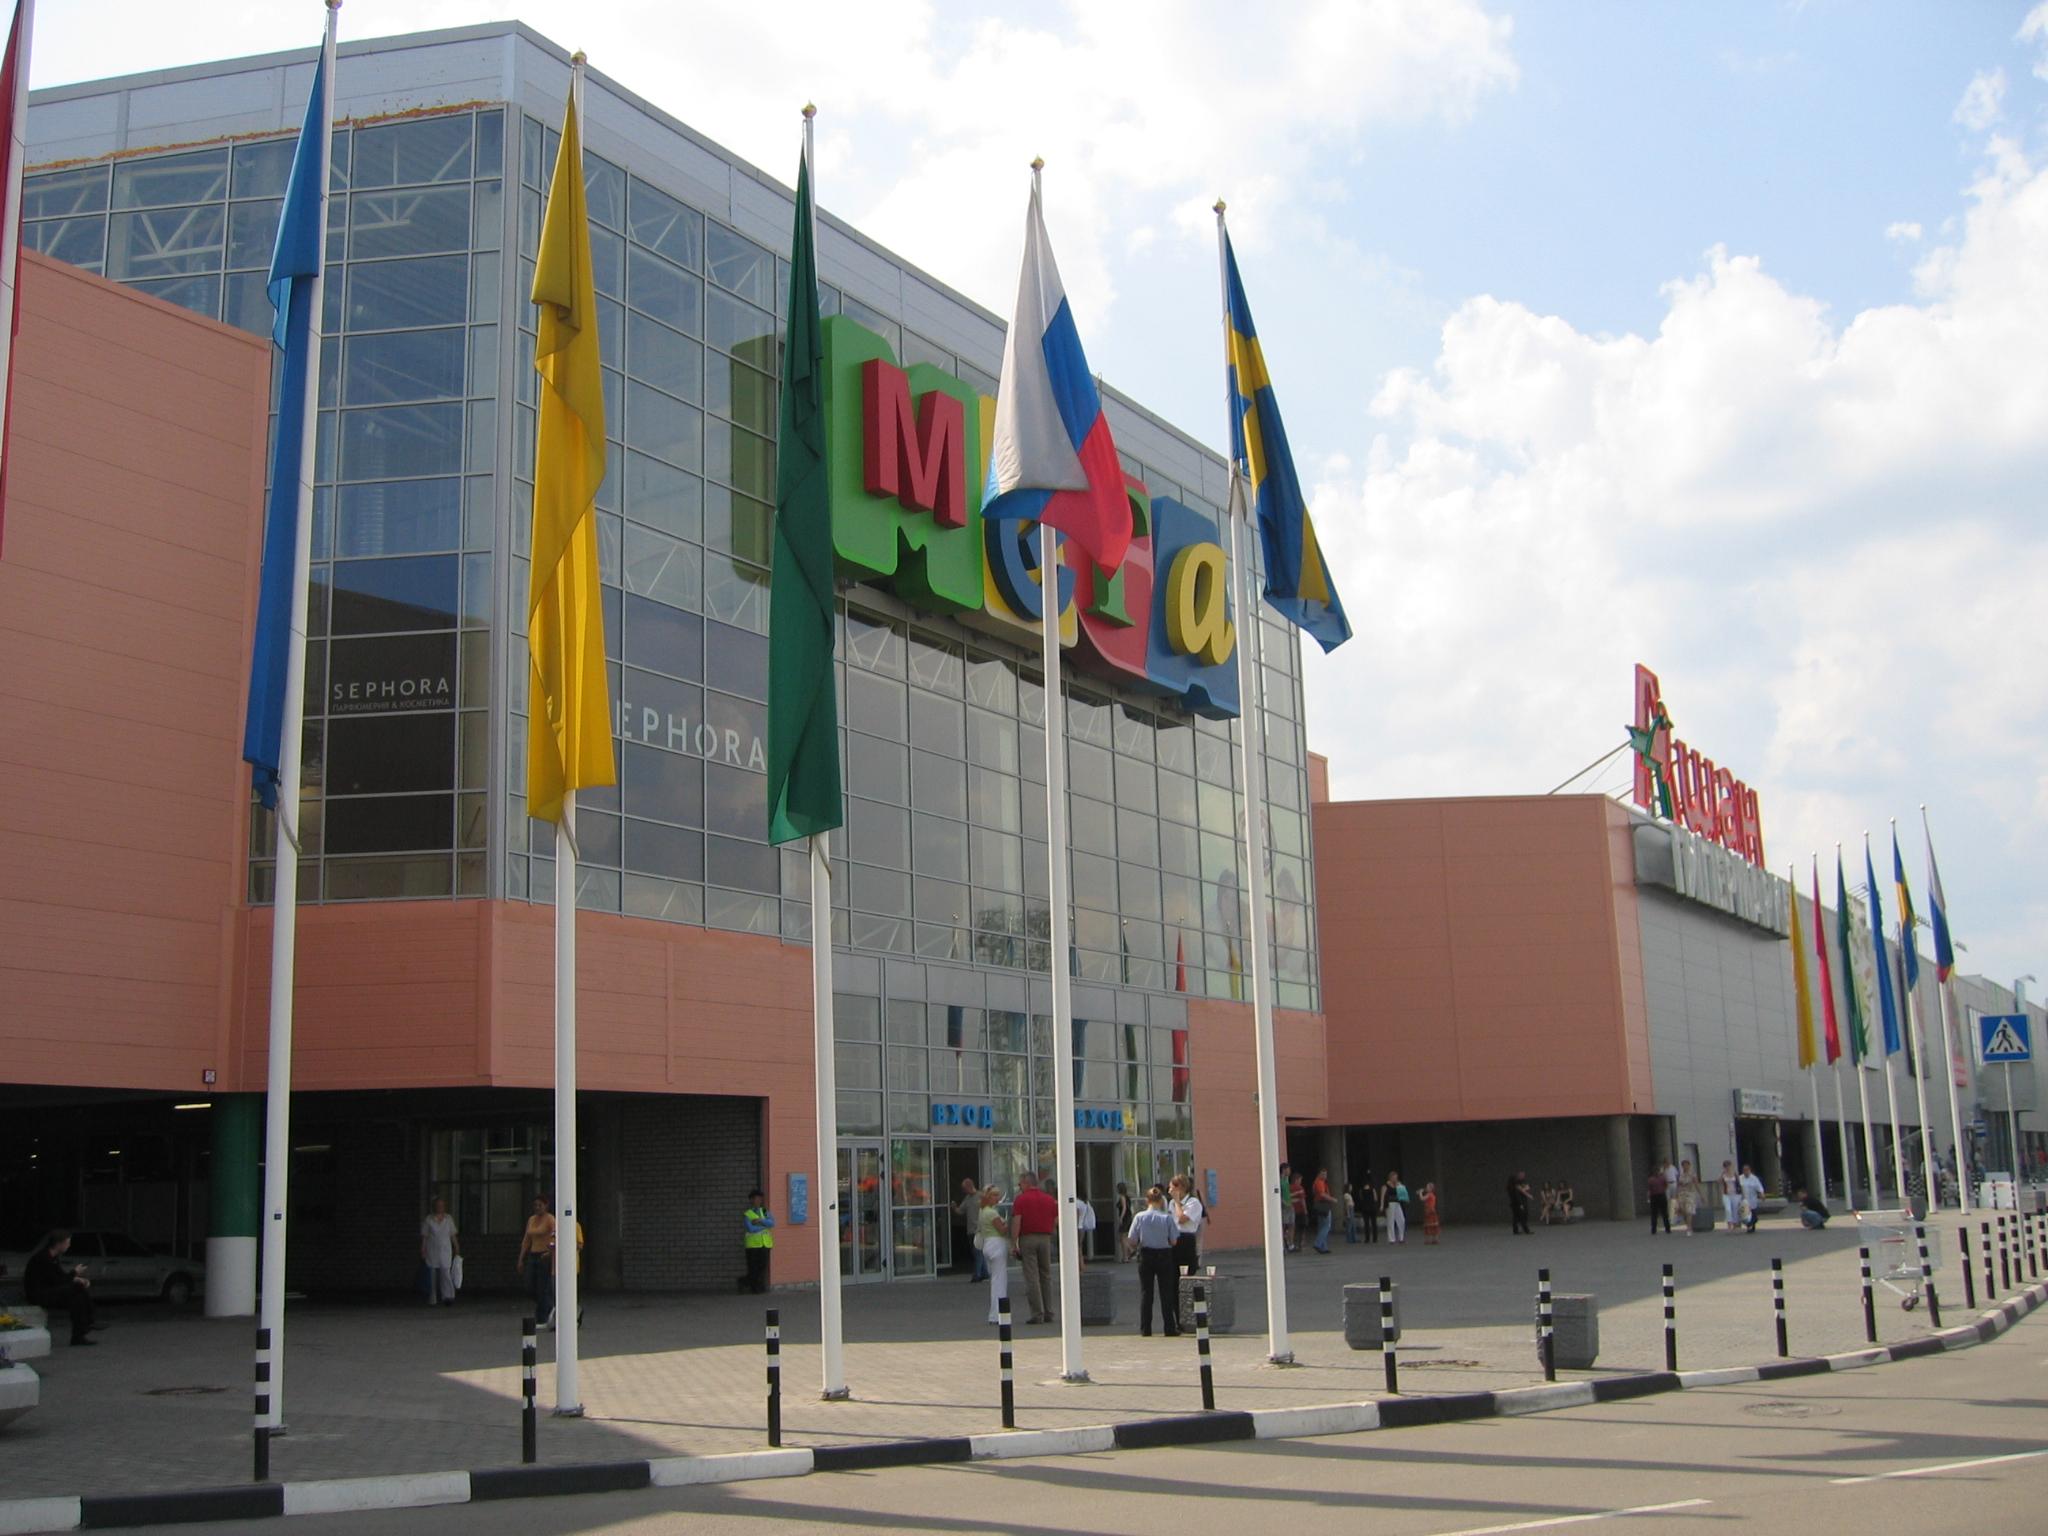 Шоп тур ИКЕА/Мега на 21-22 января от компании Travel Land, Шопинг в удовольствие в Волгограде.